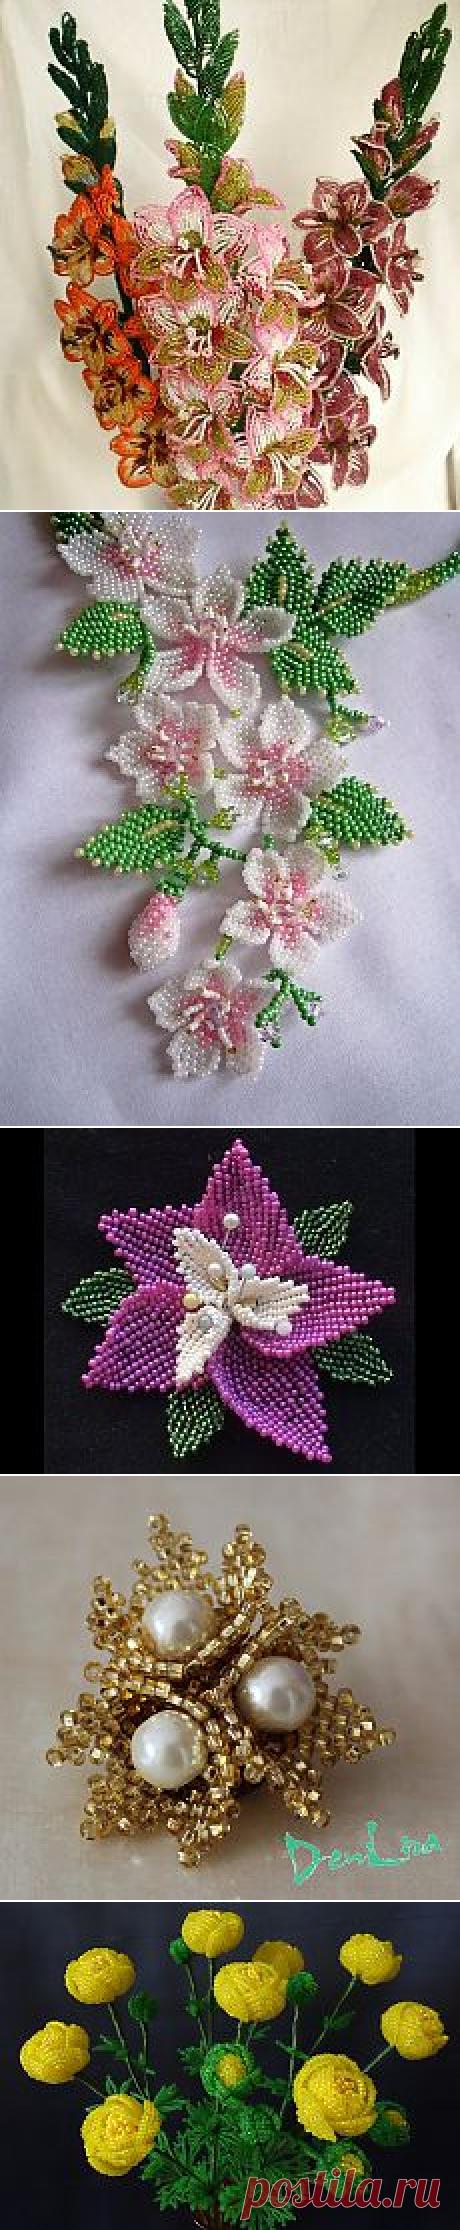 Бисероплетение - деревья, цветы | Идеи и фотоинструкции бесплатно на Постиле | Постила